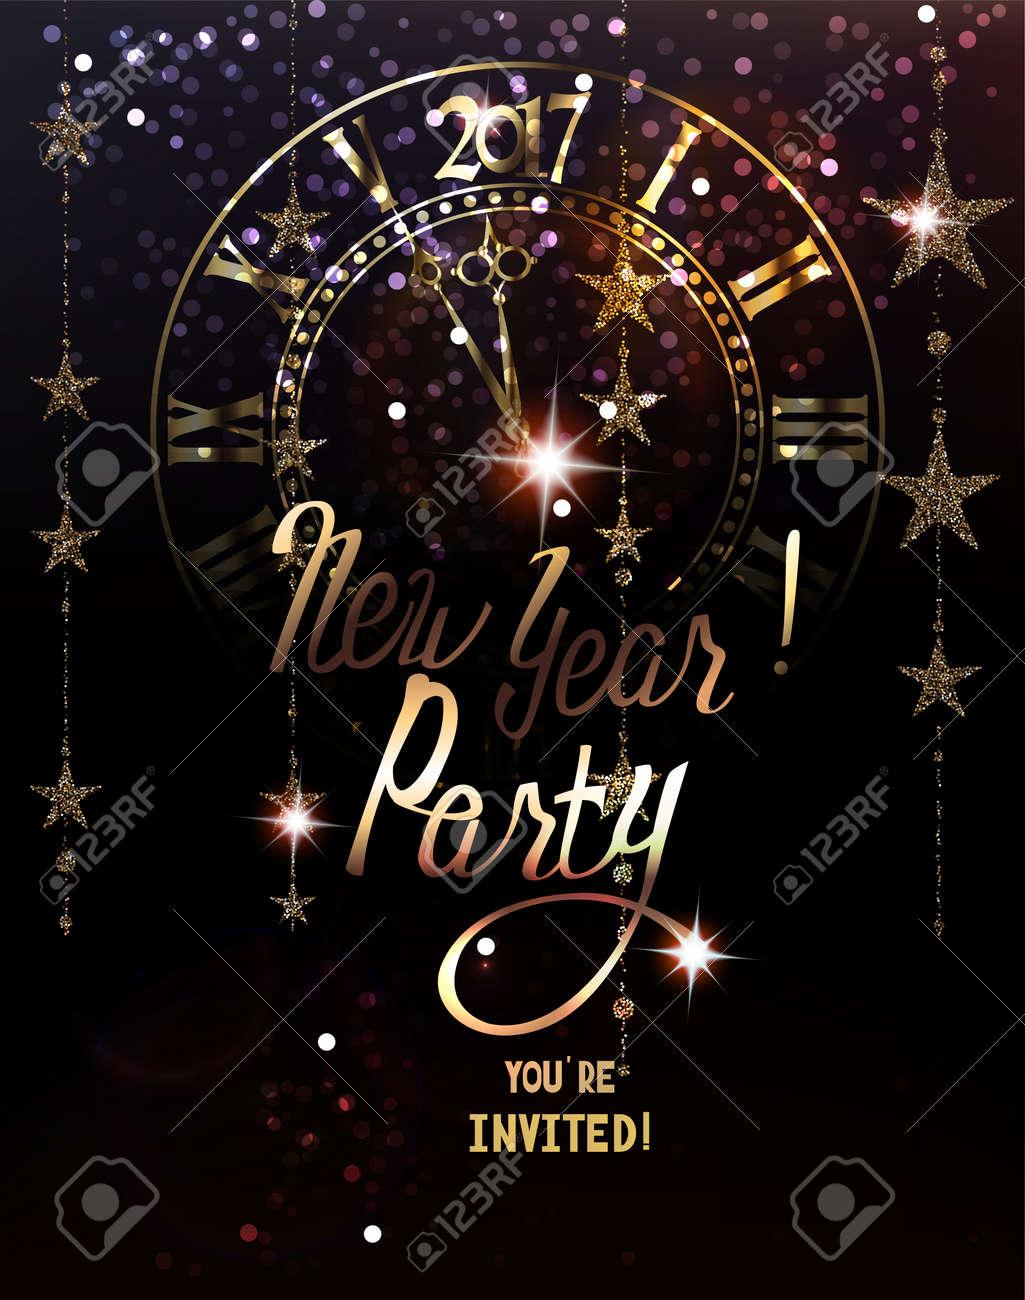 Tarjeta De Invitación De La Fiesta De Año Nuevo Con Guirnaldas De Oro Brillantes Y El Reloj Ilustración Vectorial